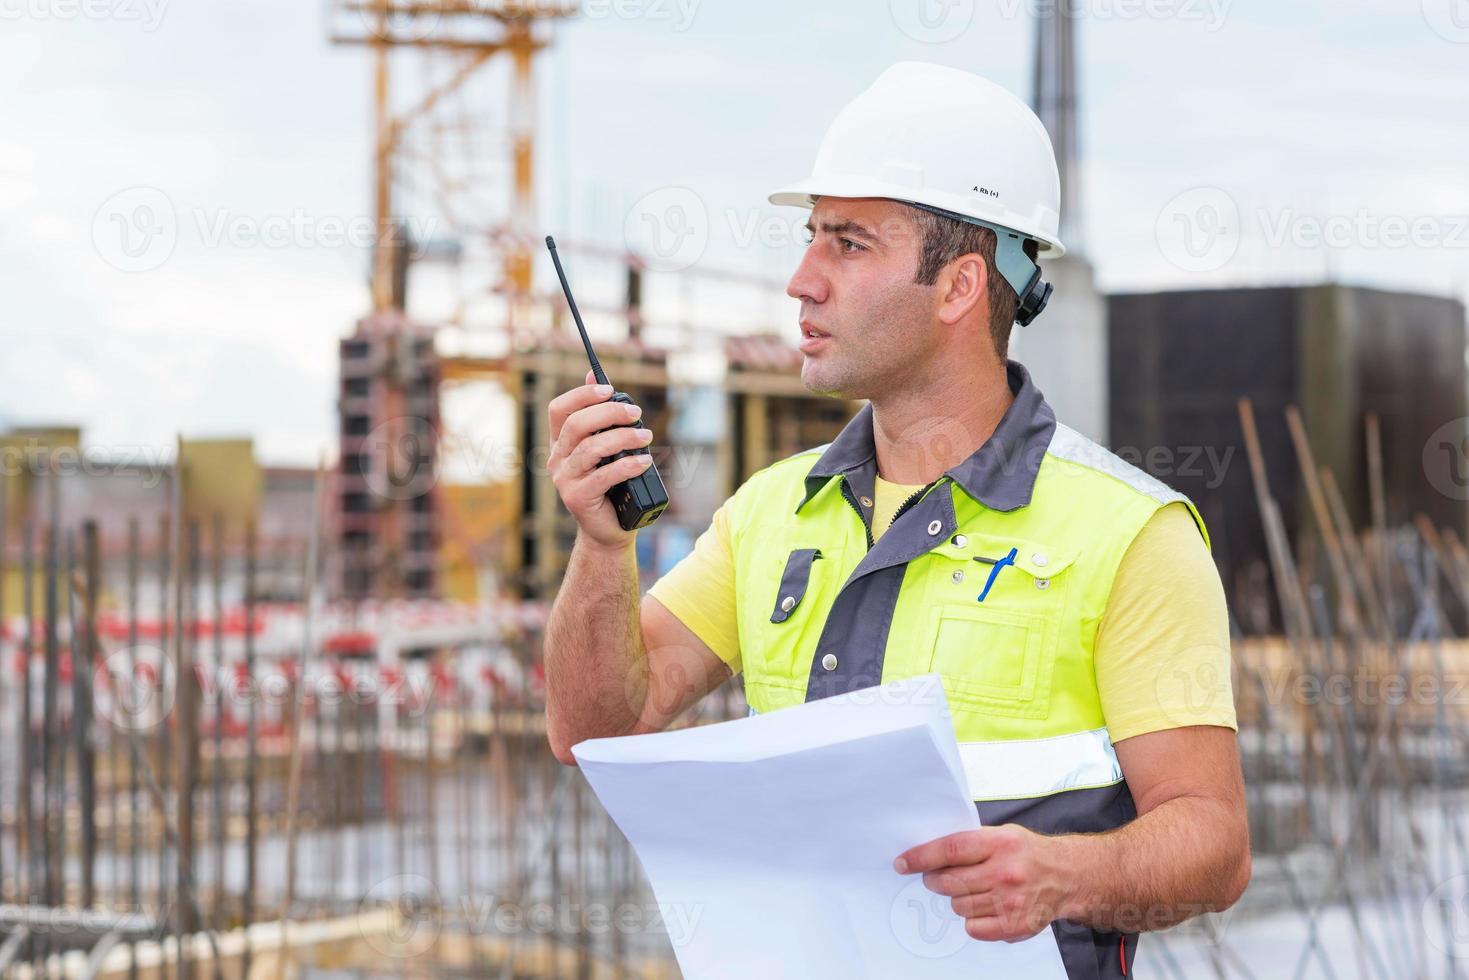 ingeniero civil en obra foto